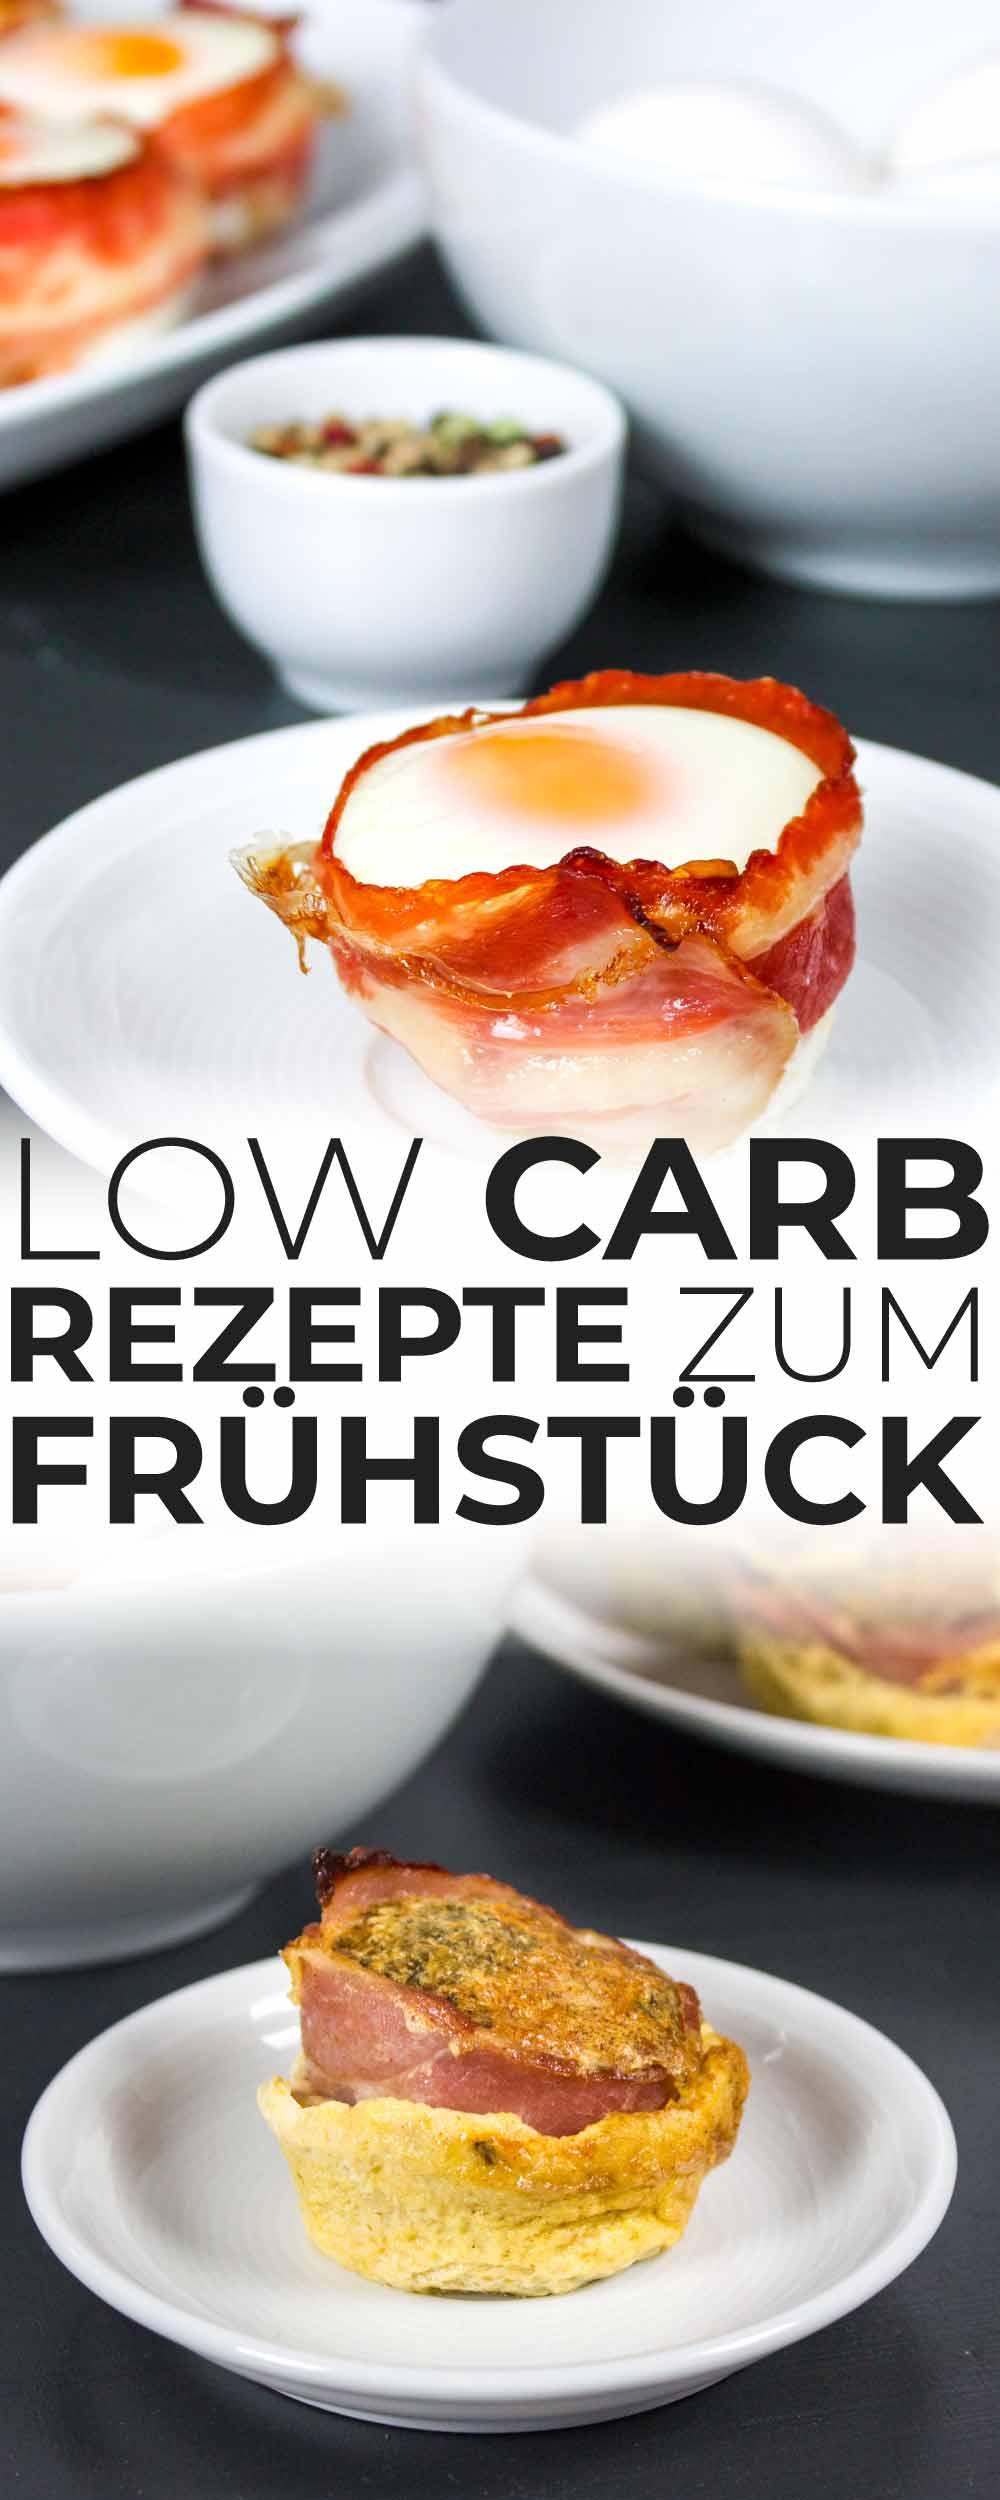 Rezepte zum Low Carb Frühstück